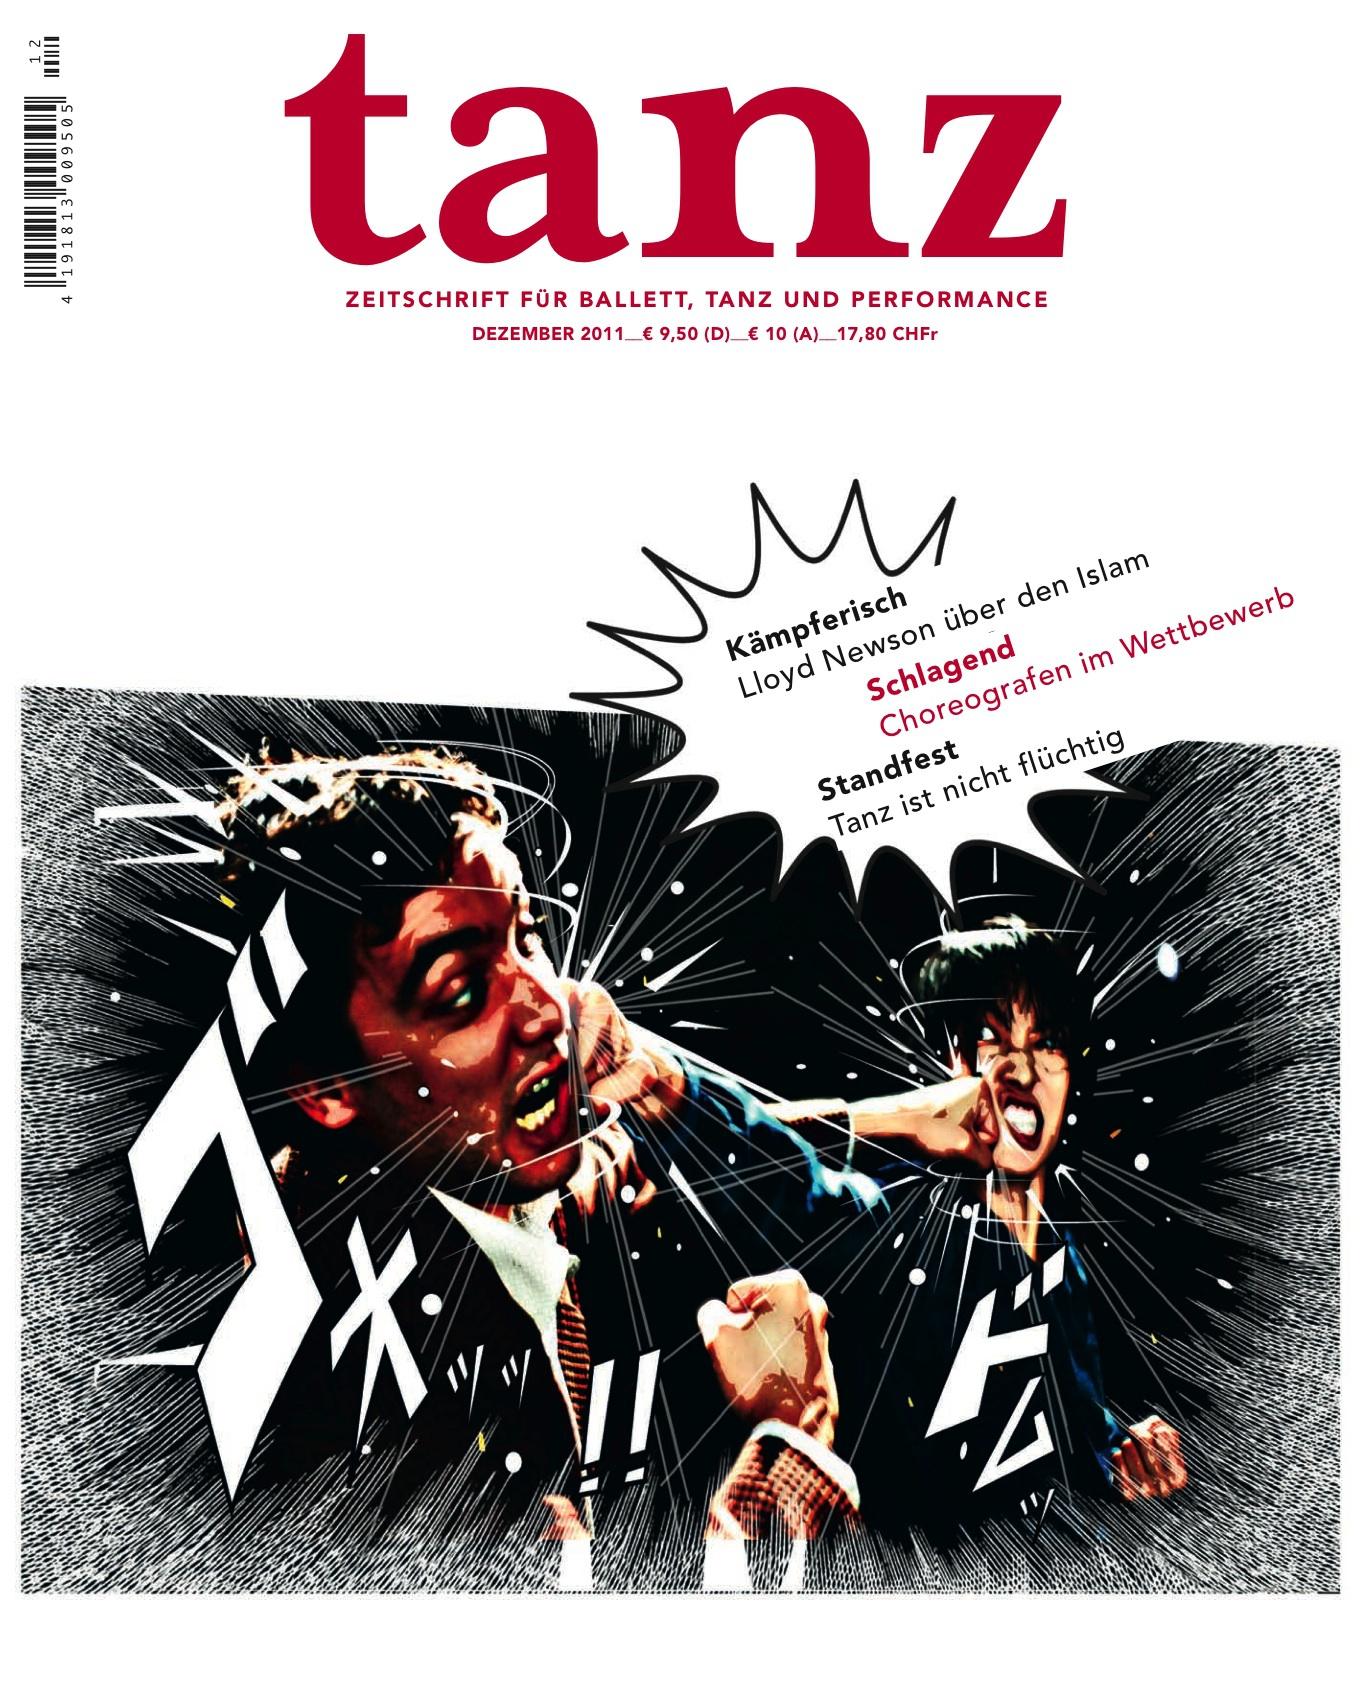 Tanz Dezember (12/2011)